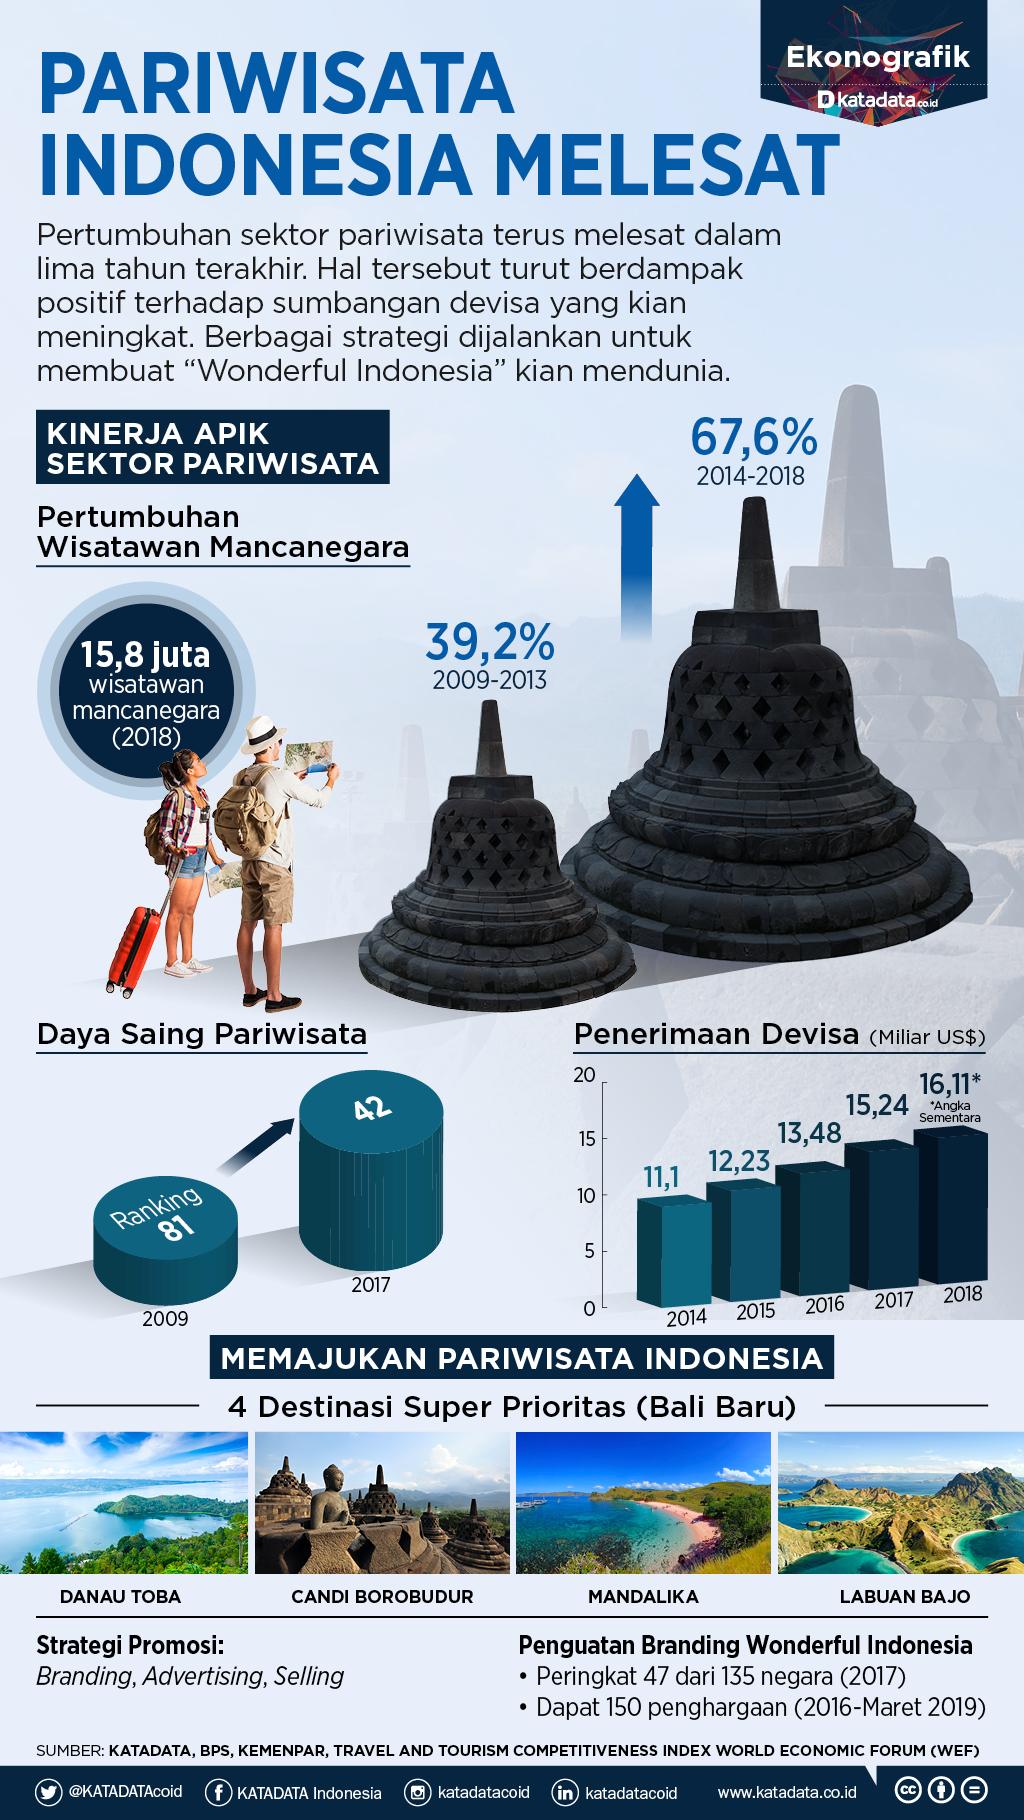 Pariwisata Indonesia Melesat